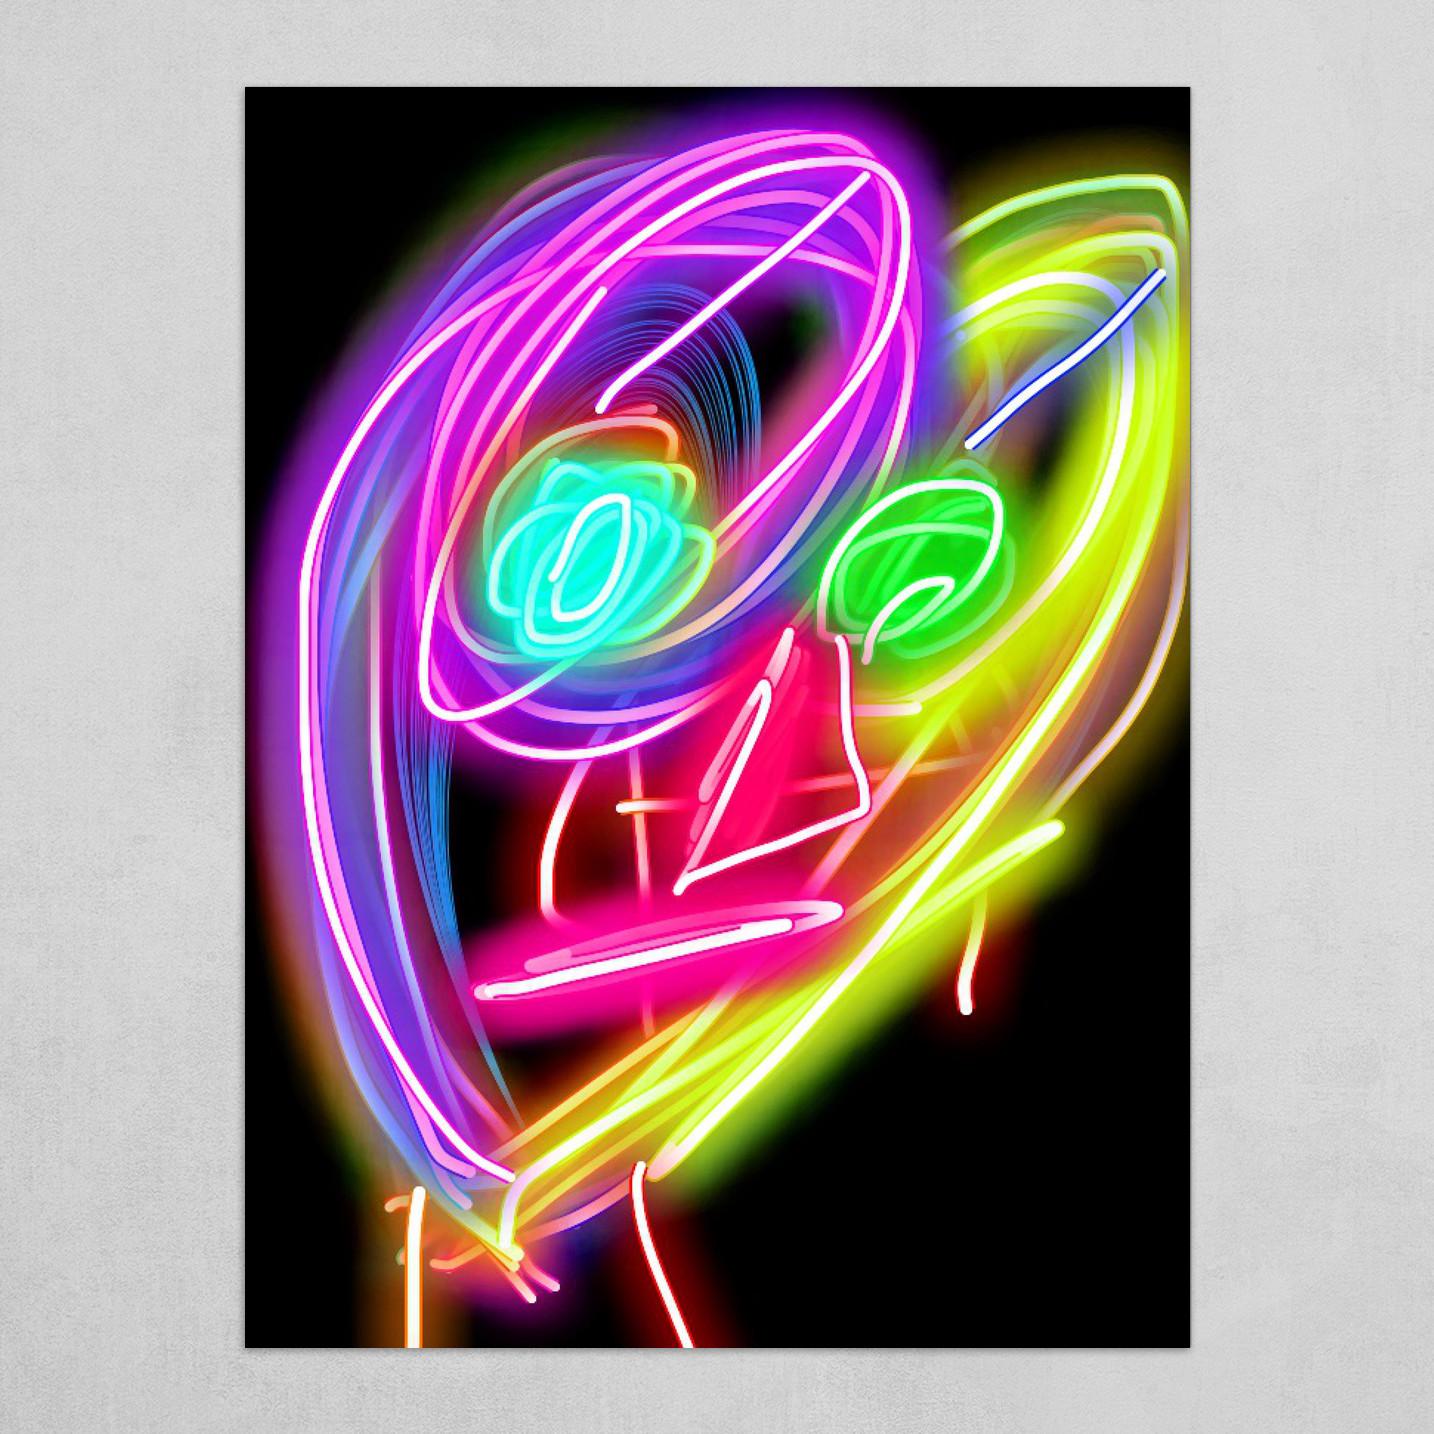 neonface